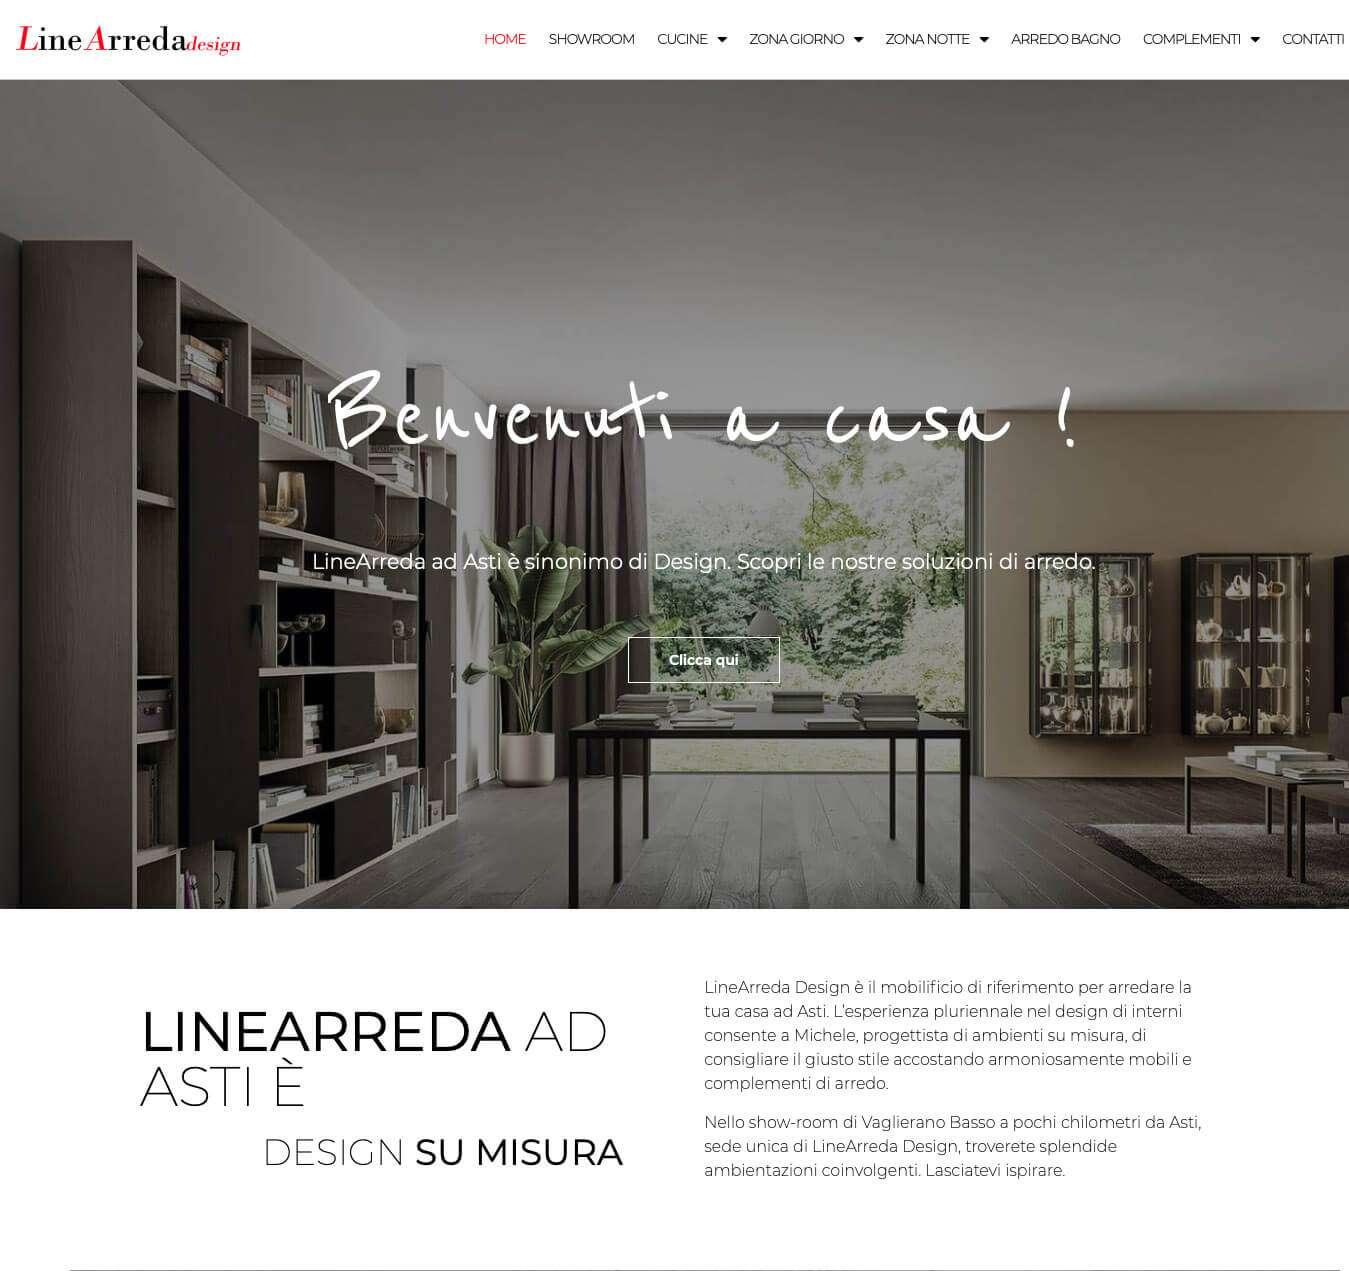 mobilificio Asti Linearreda vaglieranno sito internet Essetre